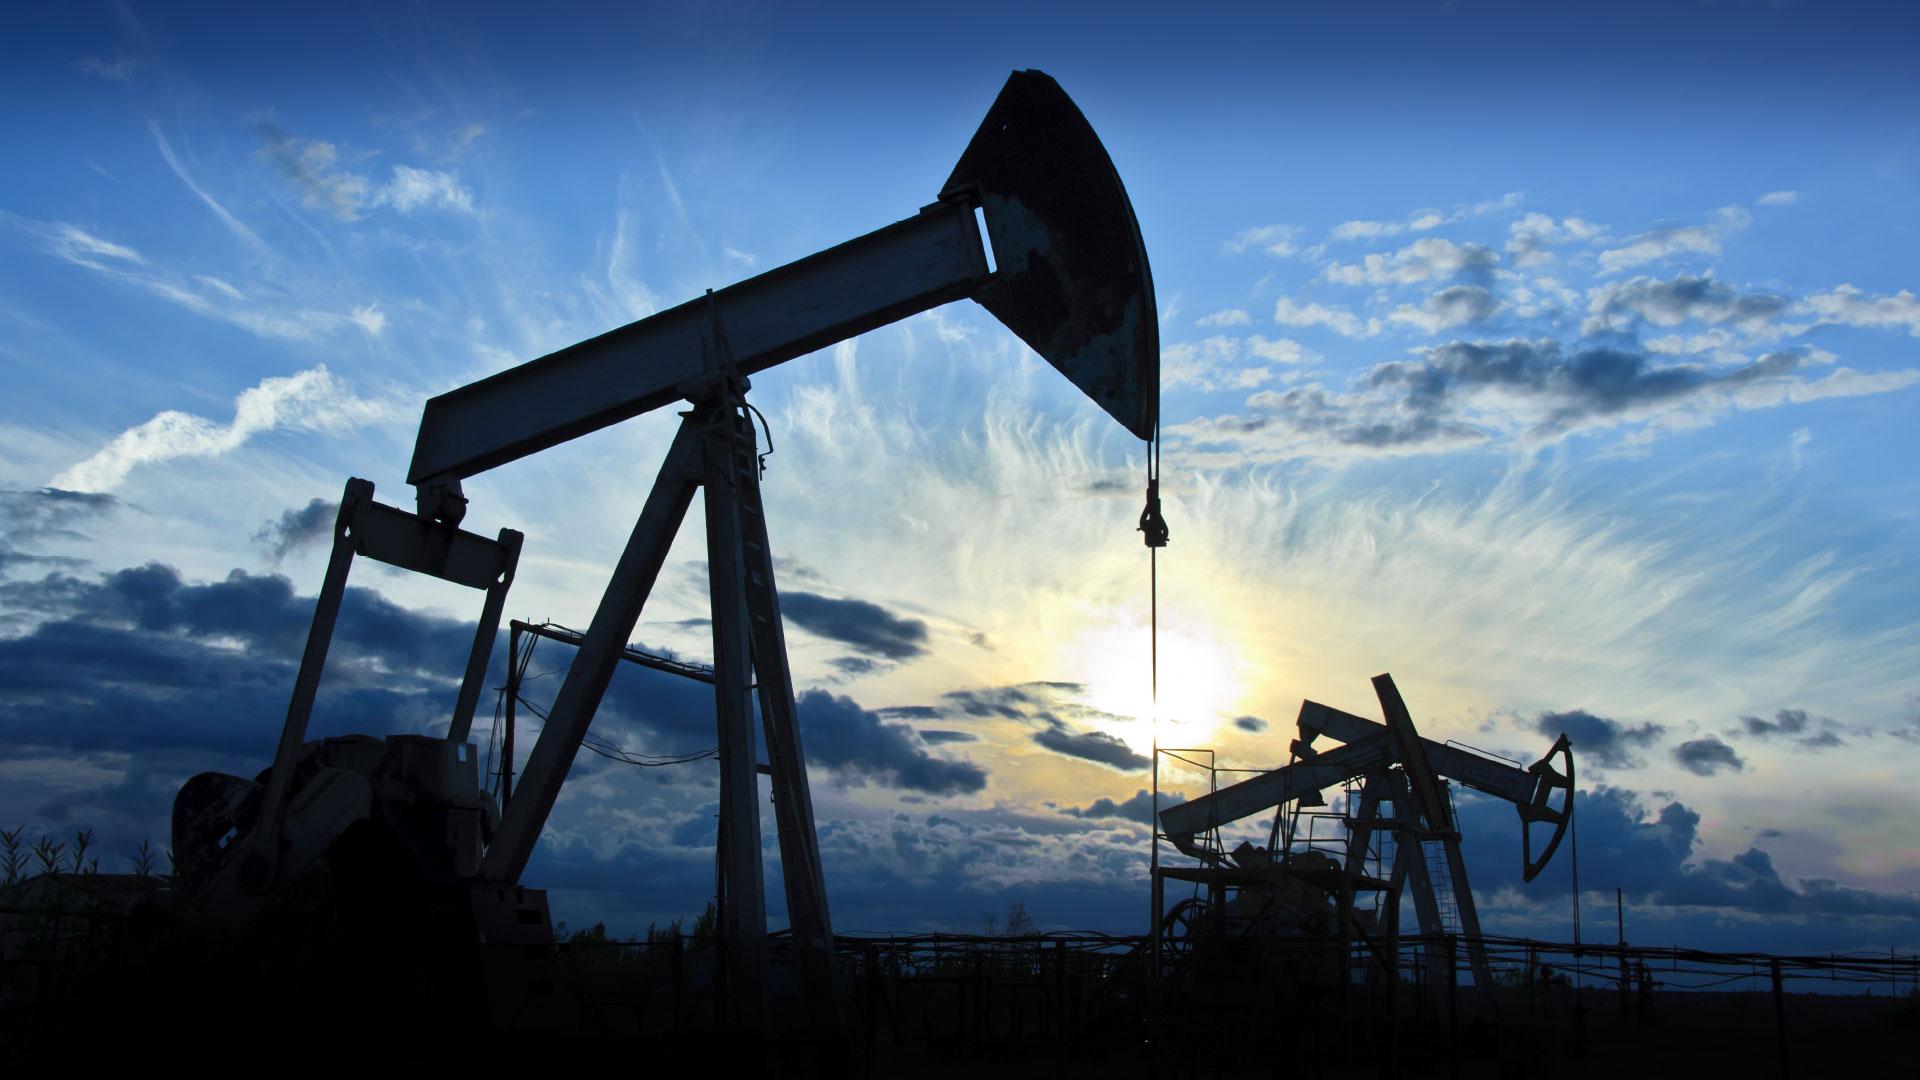 تجهیزات نفت، گاز و پتروشیمی تامین تجهیزات و خدمات فنی و مهندسی صنعت مارکت